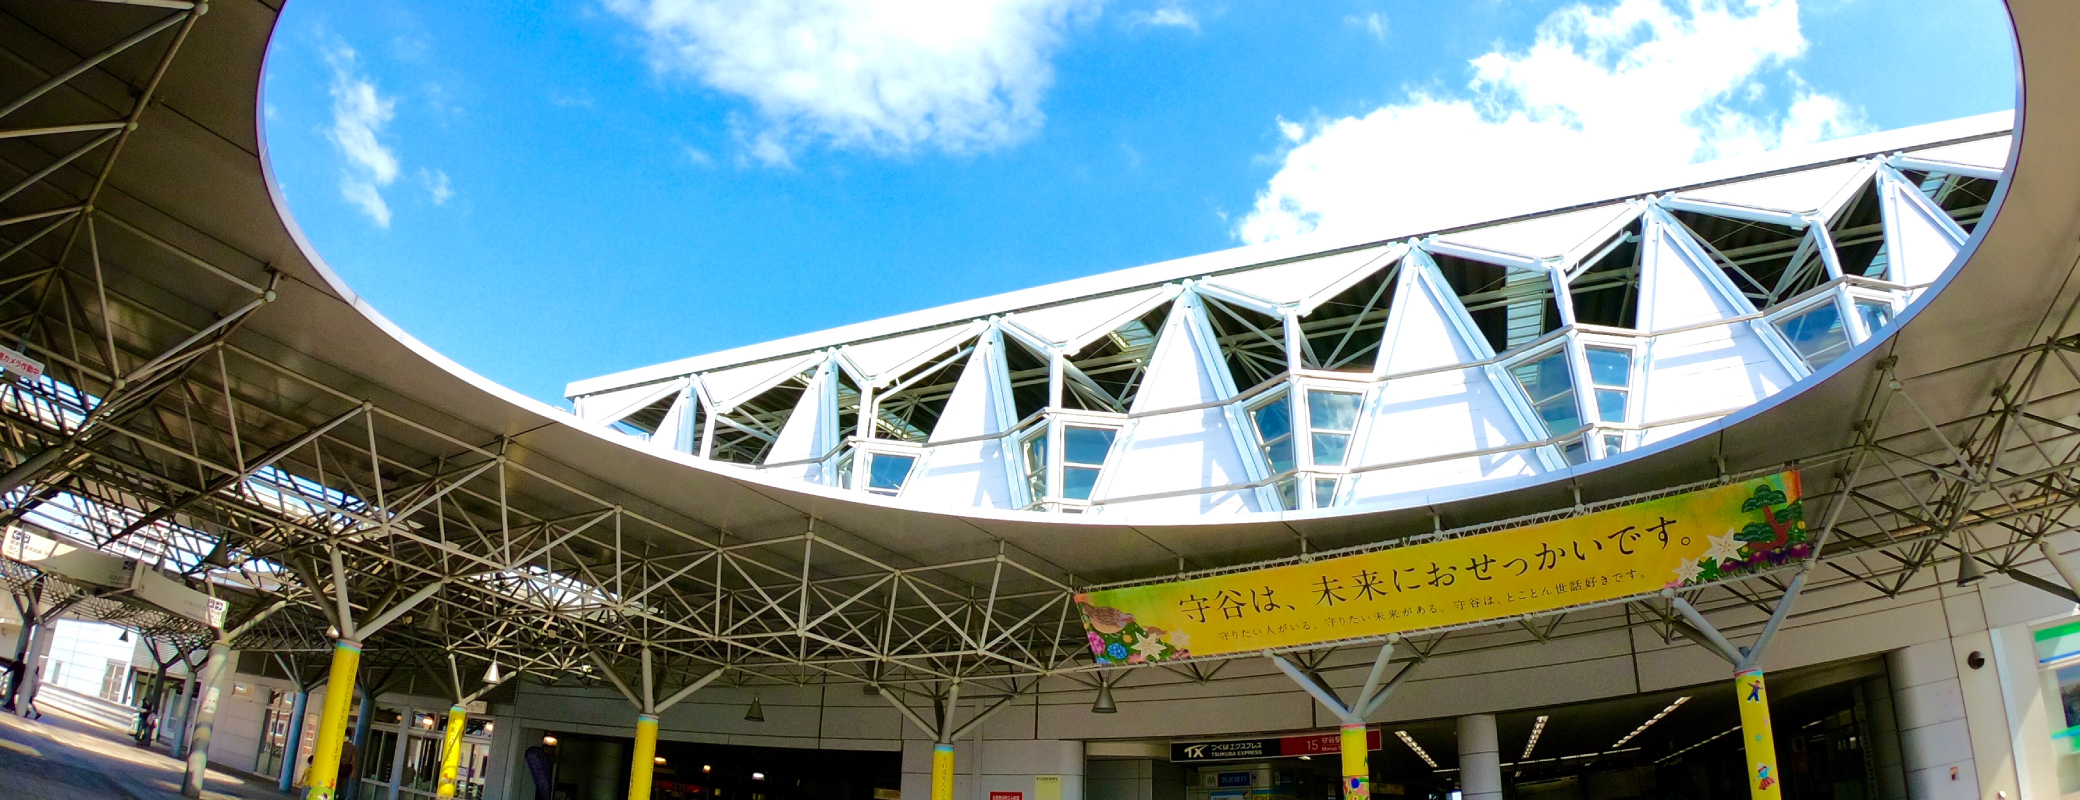 「JALふるさと納税」に茨城県守谷市が参加しました。